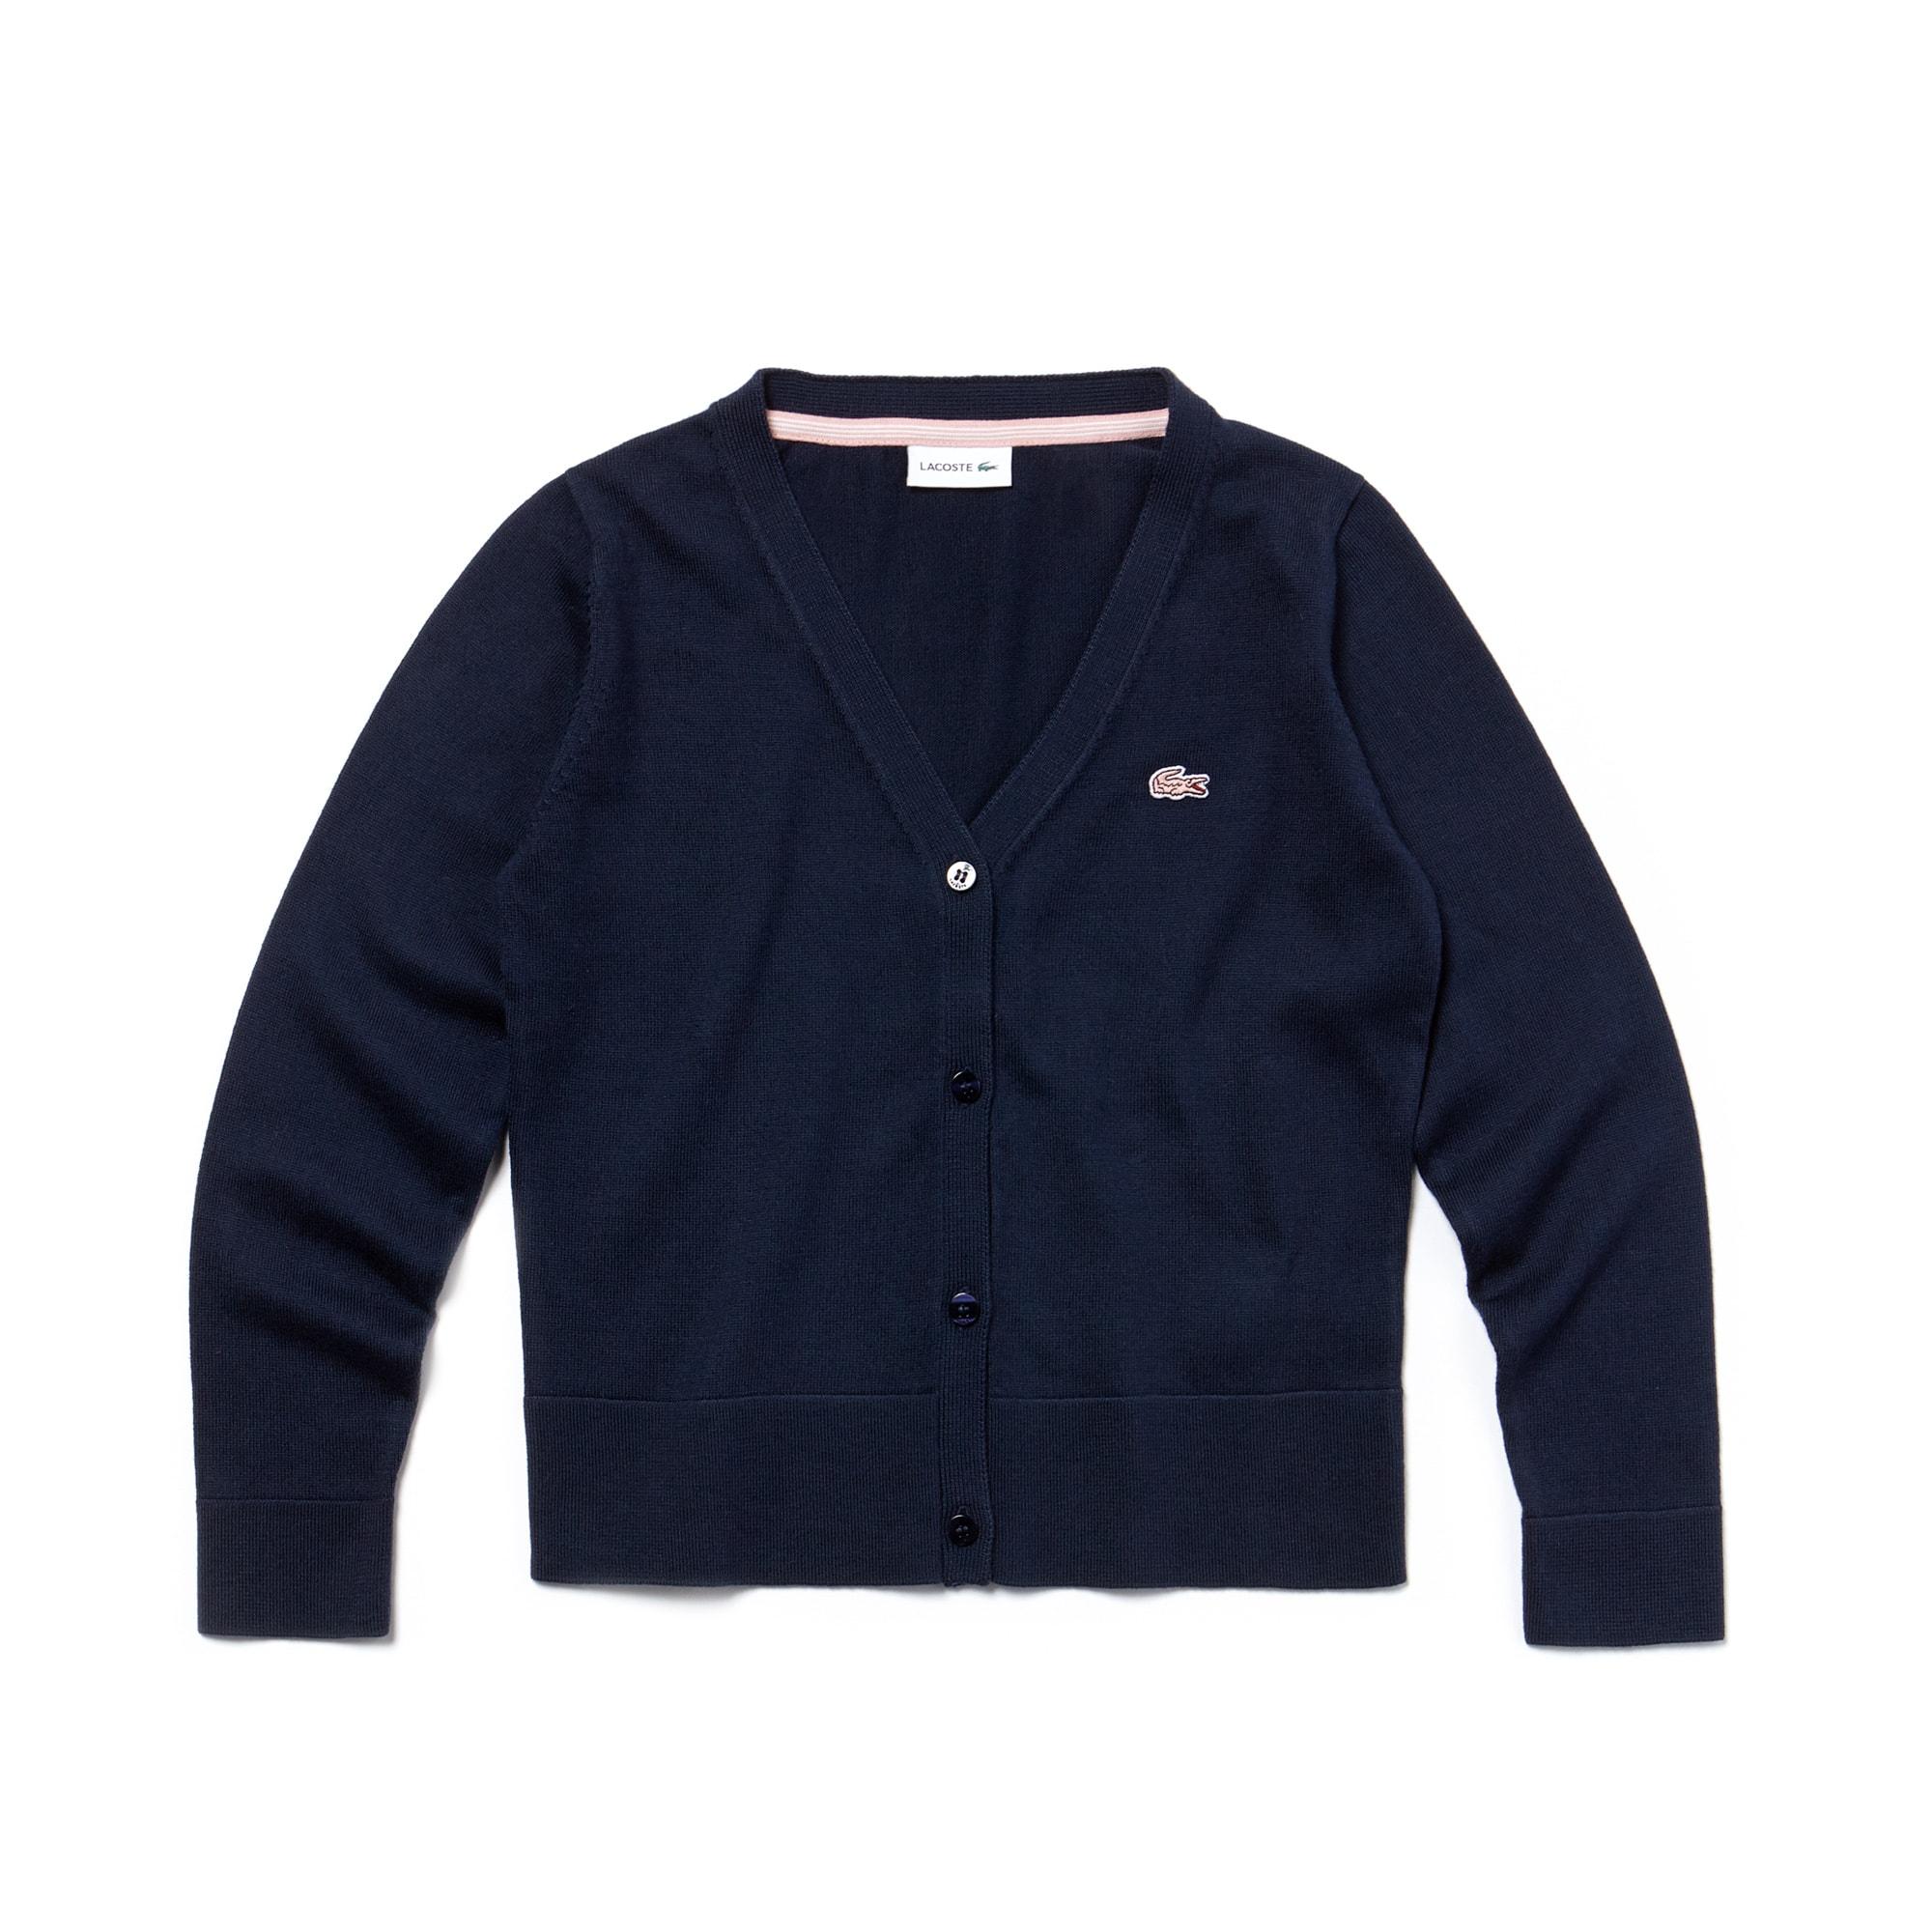 Cardigan Fille en jersey de coton uni